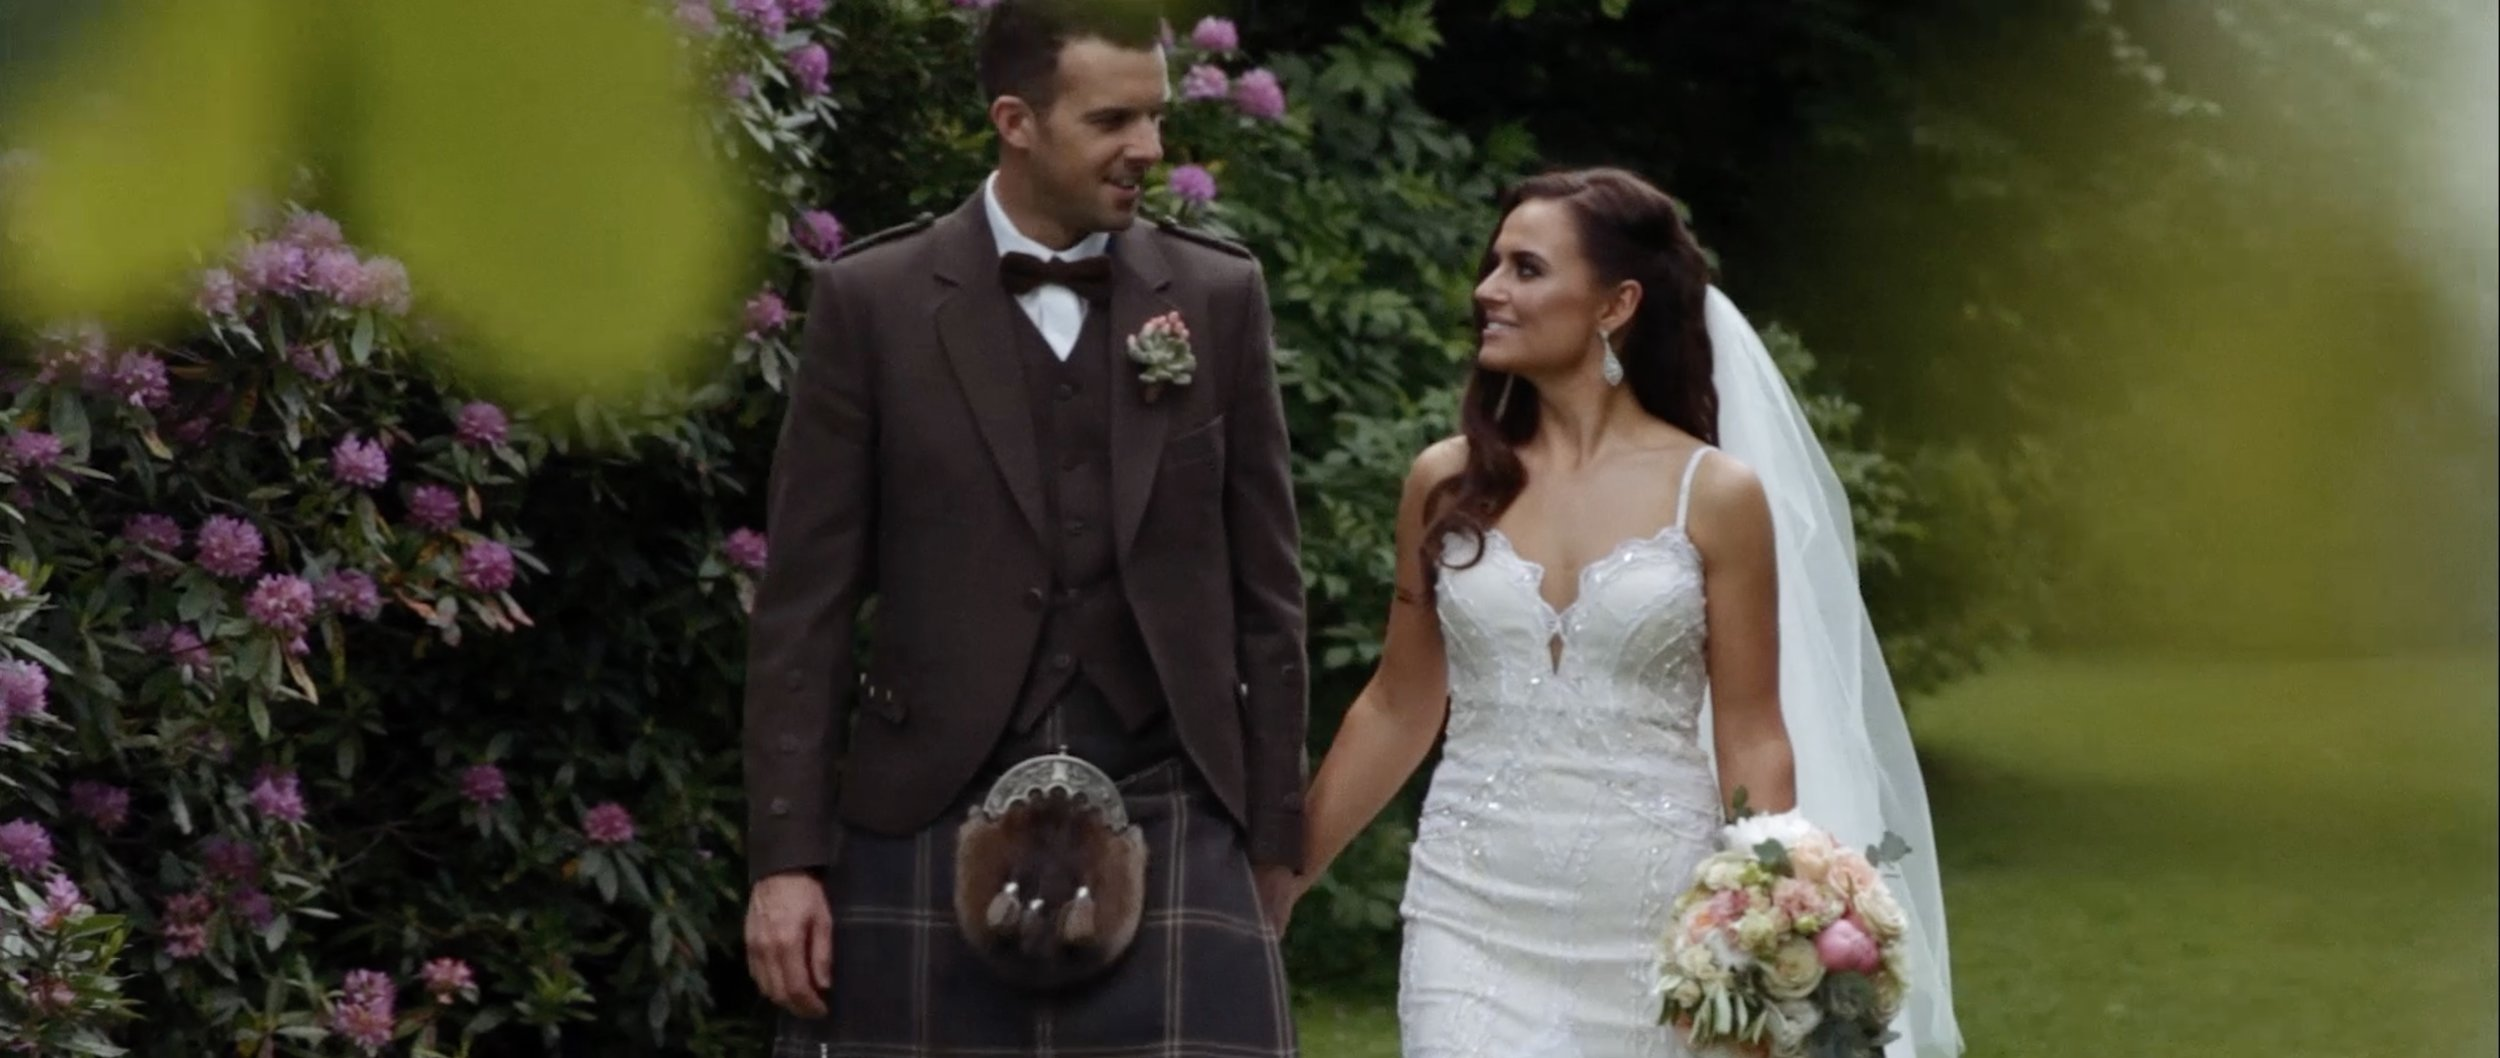 riddles-court-wedding-videographer_LL_06.jpg